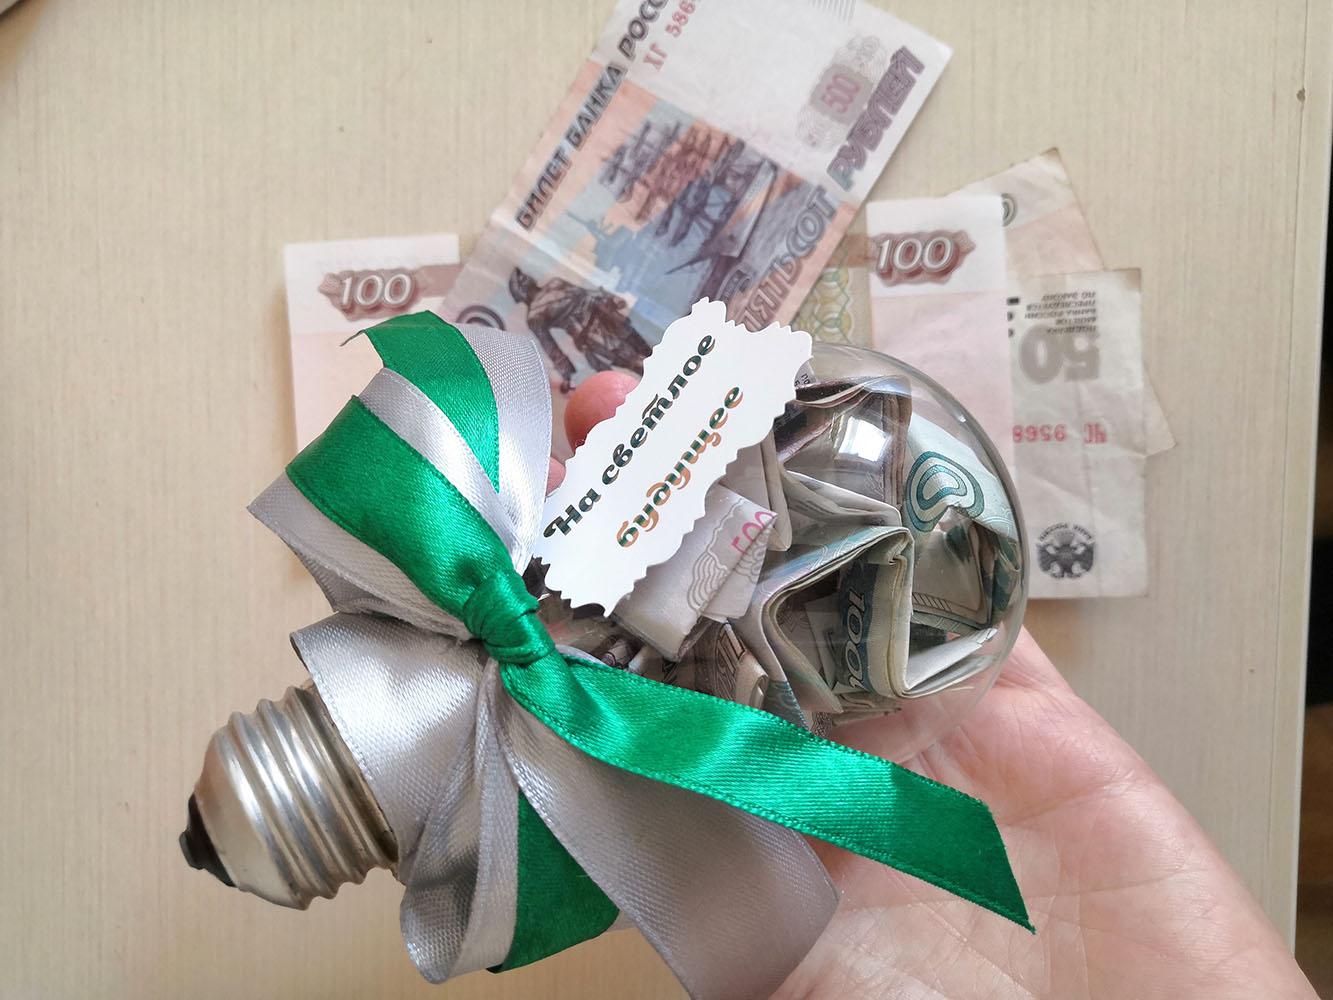 как подарить деньги мужчине, как подарить деньги, как подарить деньги красиво мужчине, как подарить деньги мужчине оригинально, деньги в лампочке, деньги в лампе. подарить деньги в лампе